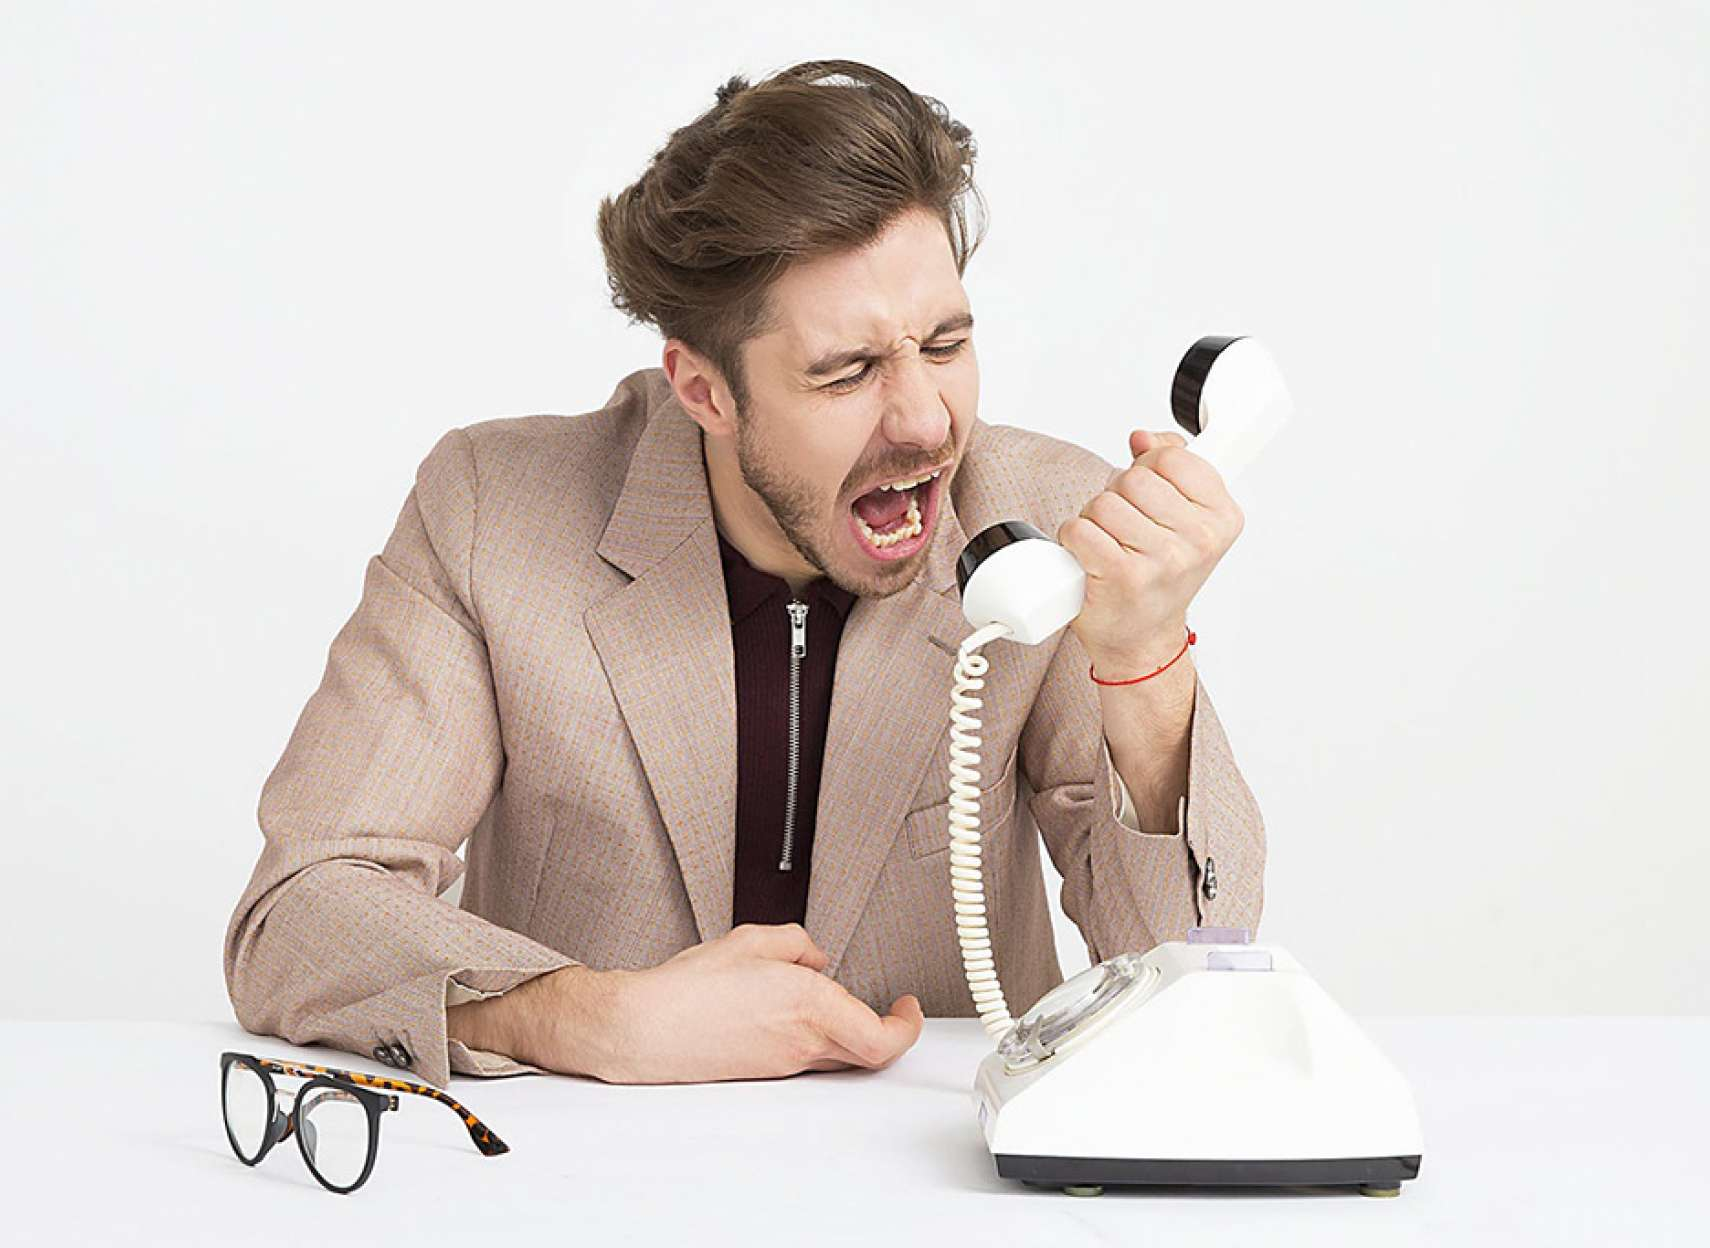 روانشناسی-داعی-شما-نمیتوانید-همسر-عصبانیتان-را-اصلاح-نمائید